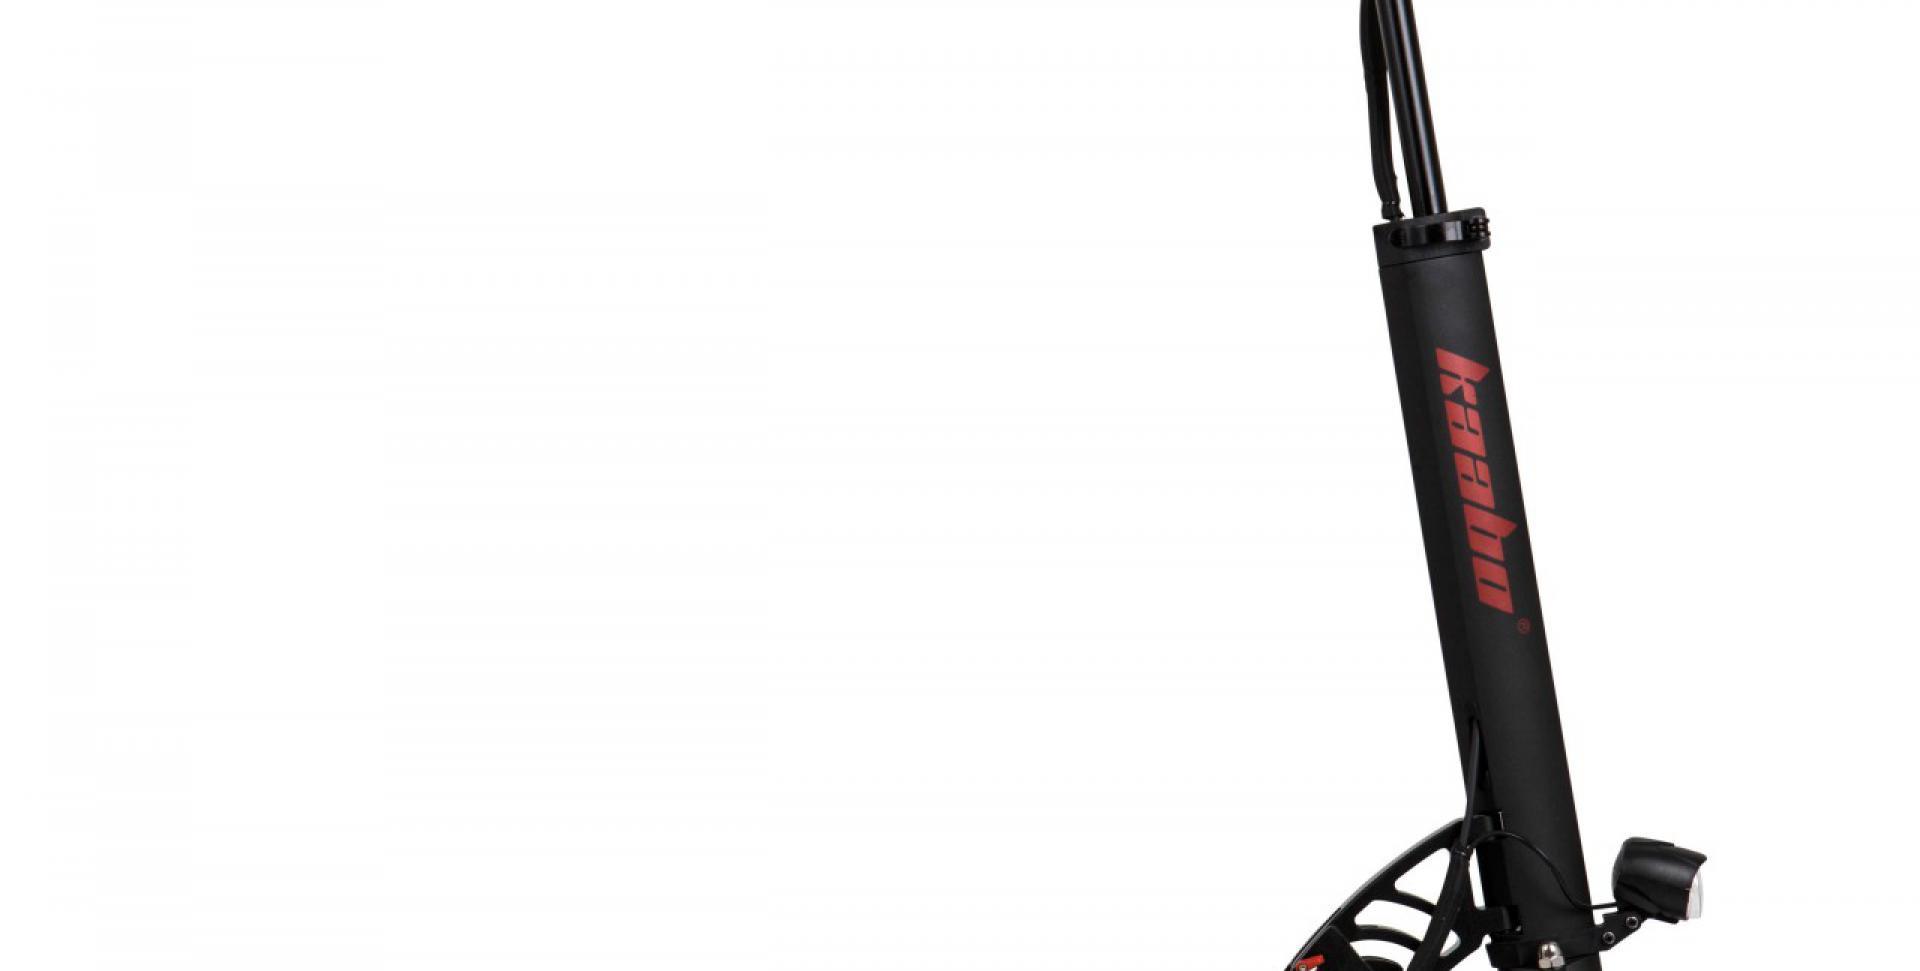 Kopia hulajnoga-elektryczna-kaabo-skywalker-8 (1)_wynik.jpg